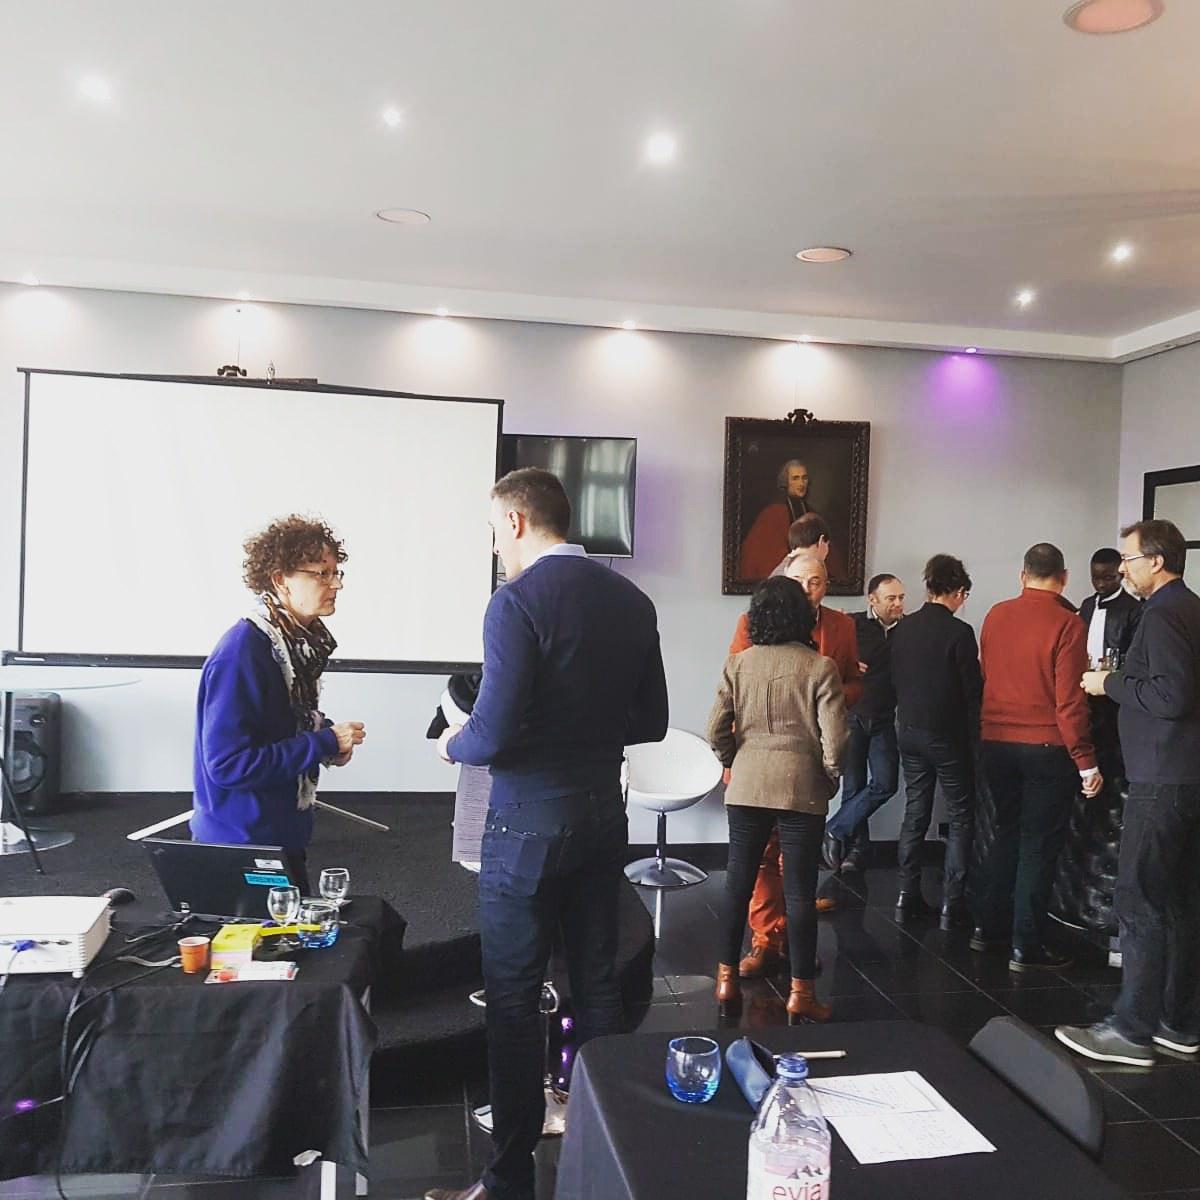 Paris training rooms Privatresidenz Ausstellungsraum für Tagesveranstaltungen image 0